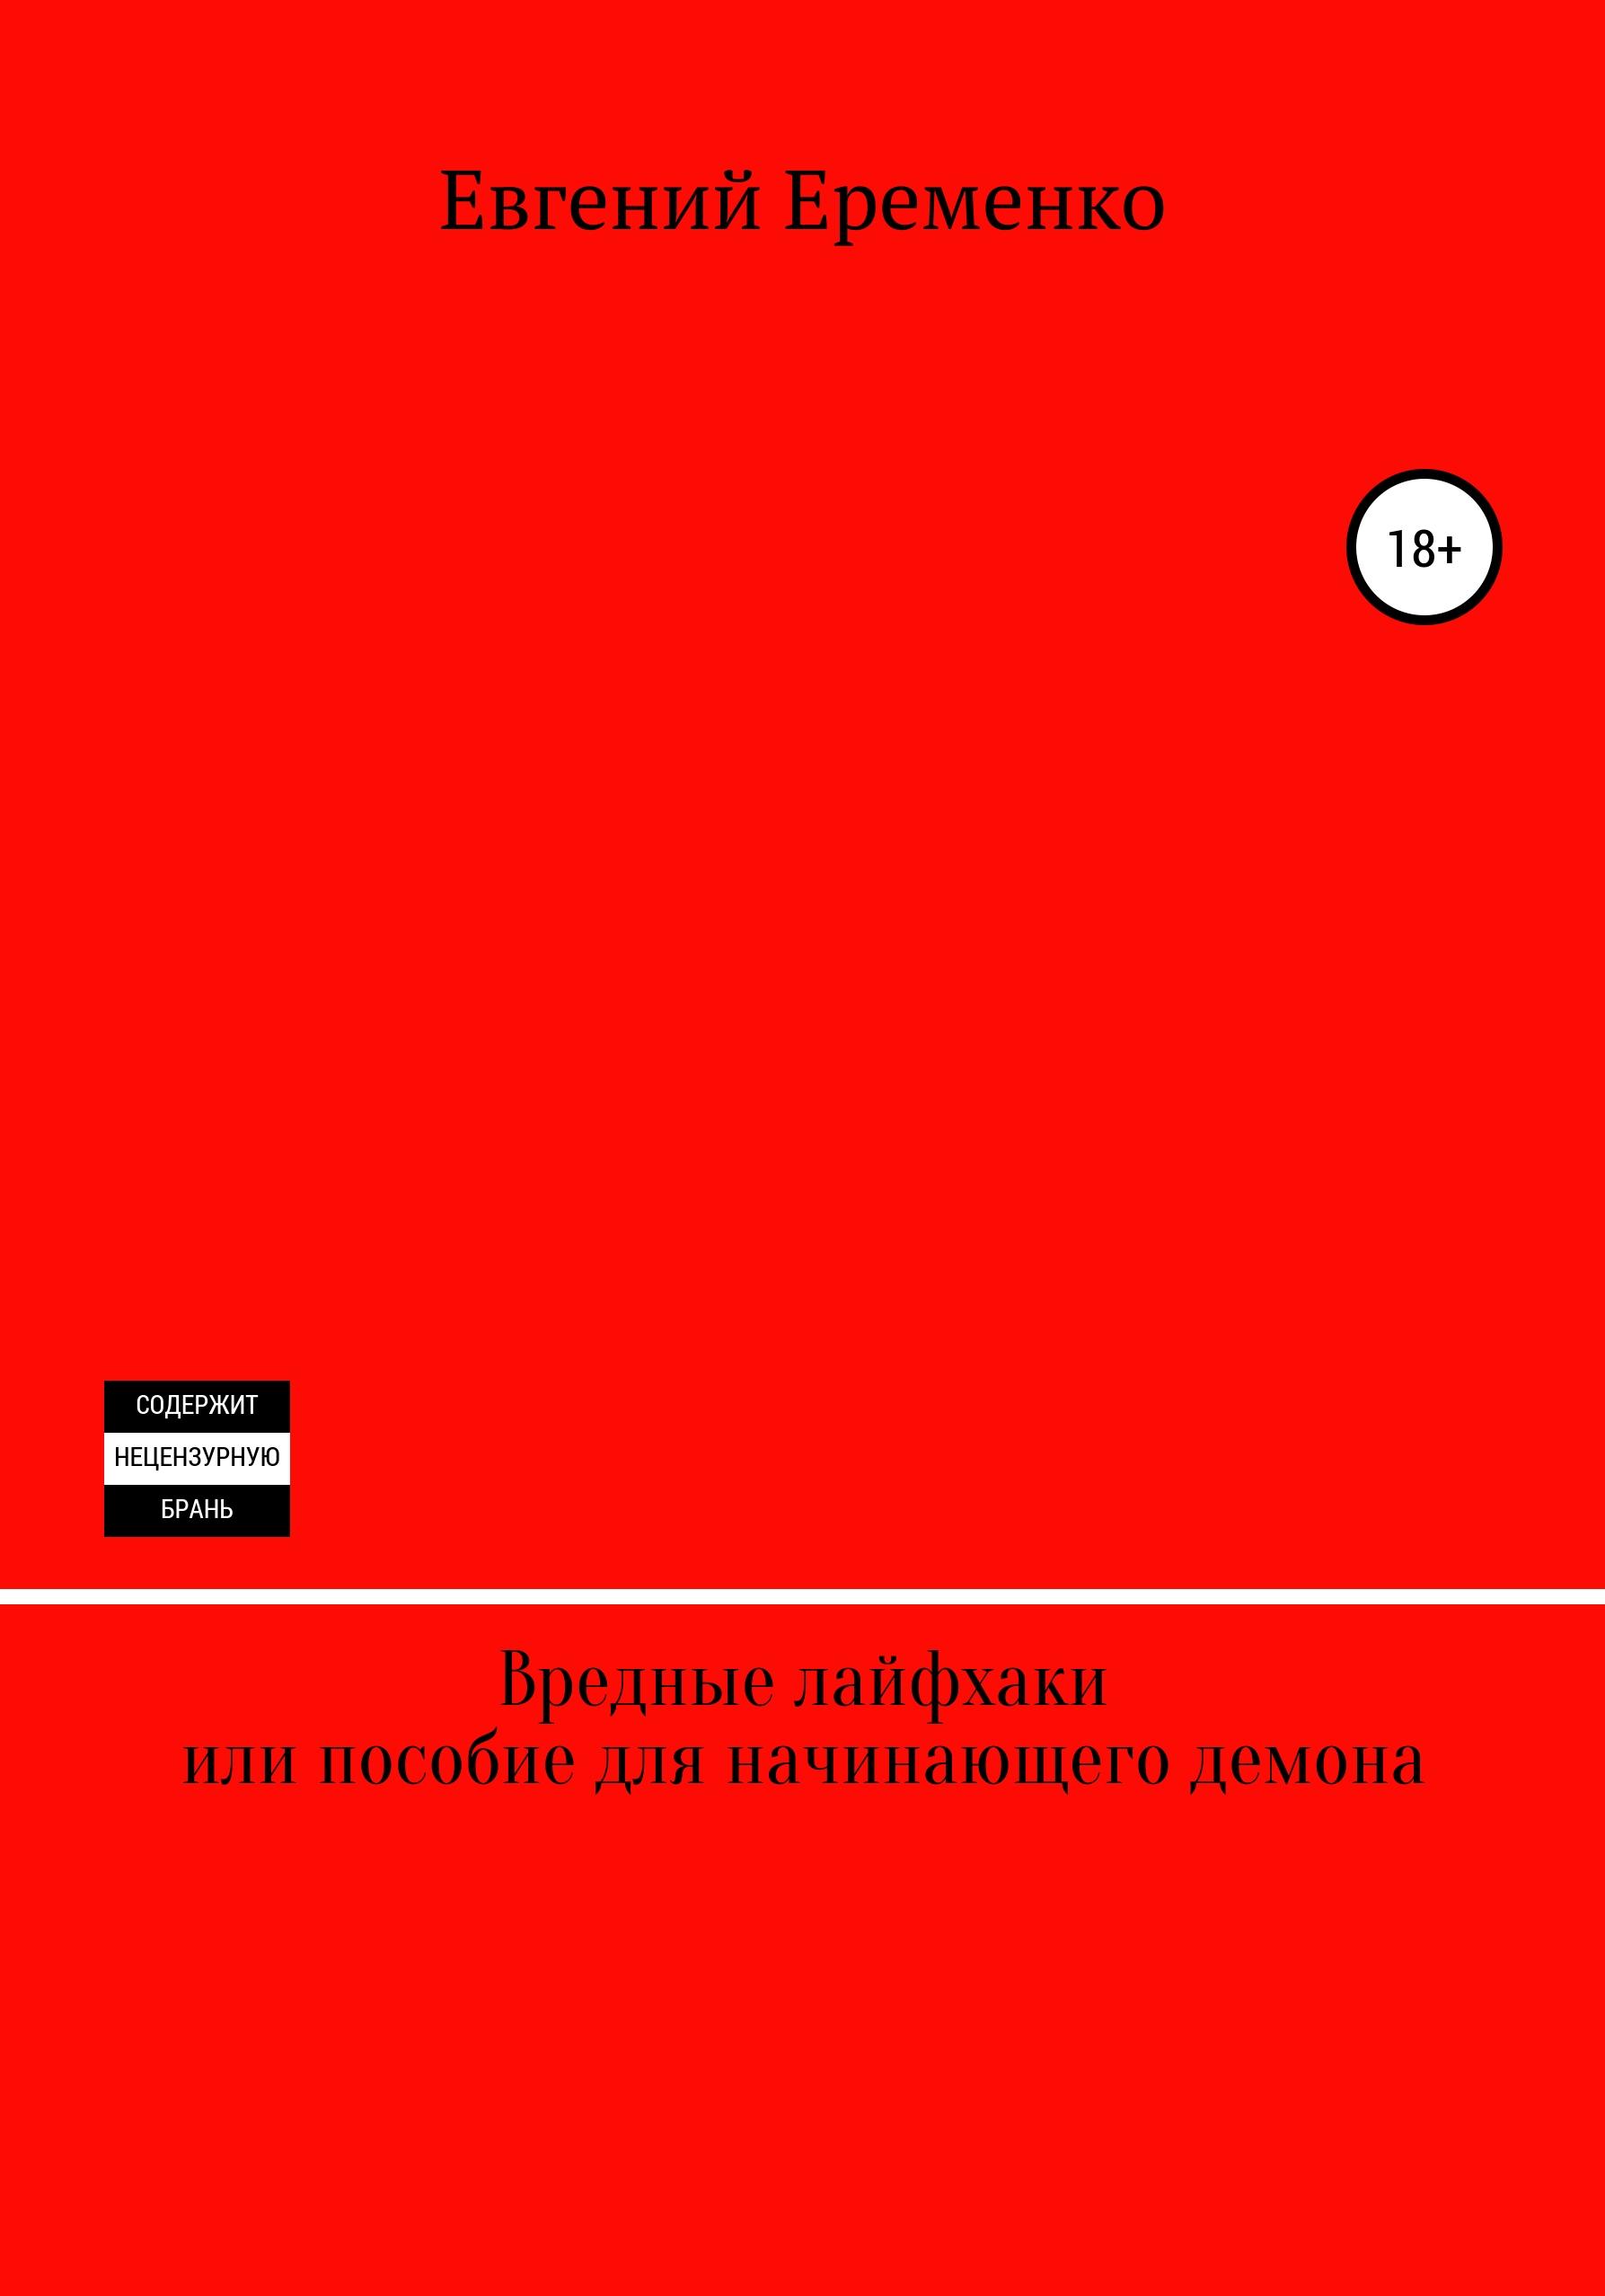 Купить книгу Вредные лайфхаки, или Пособие для начинающего демона, автора Евгения Сергеевича Еременко